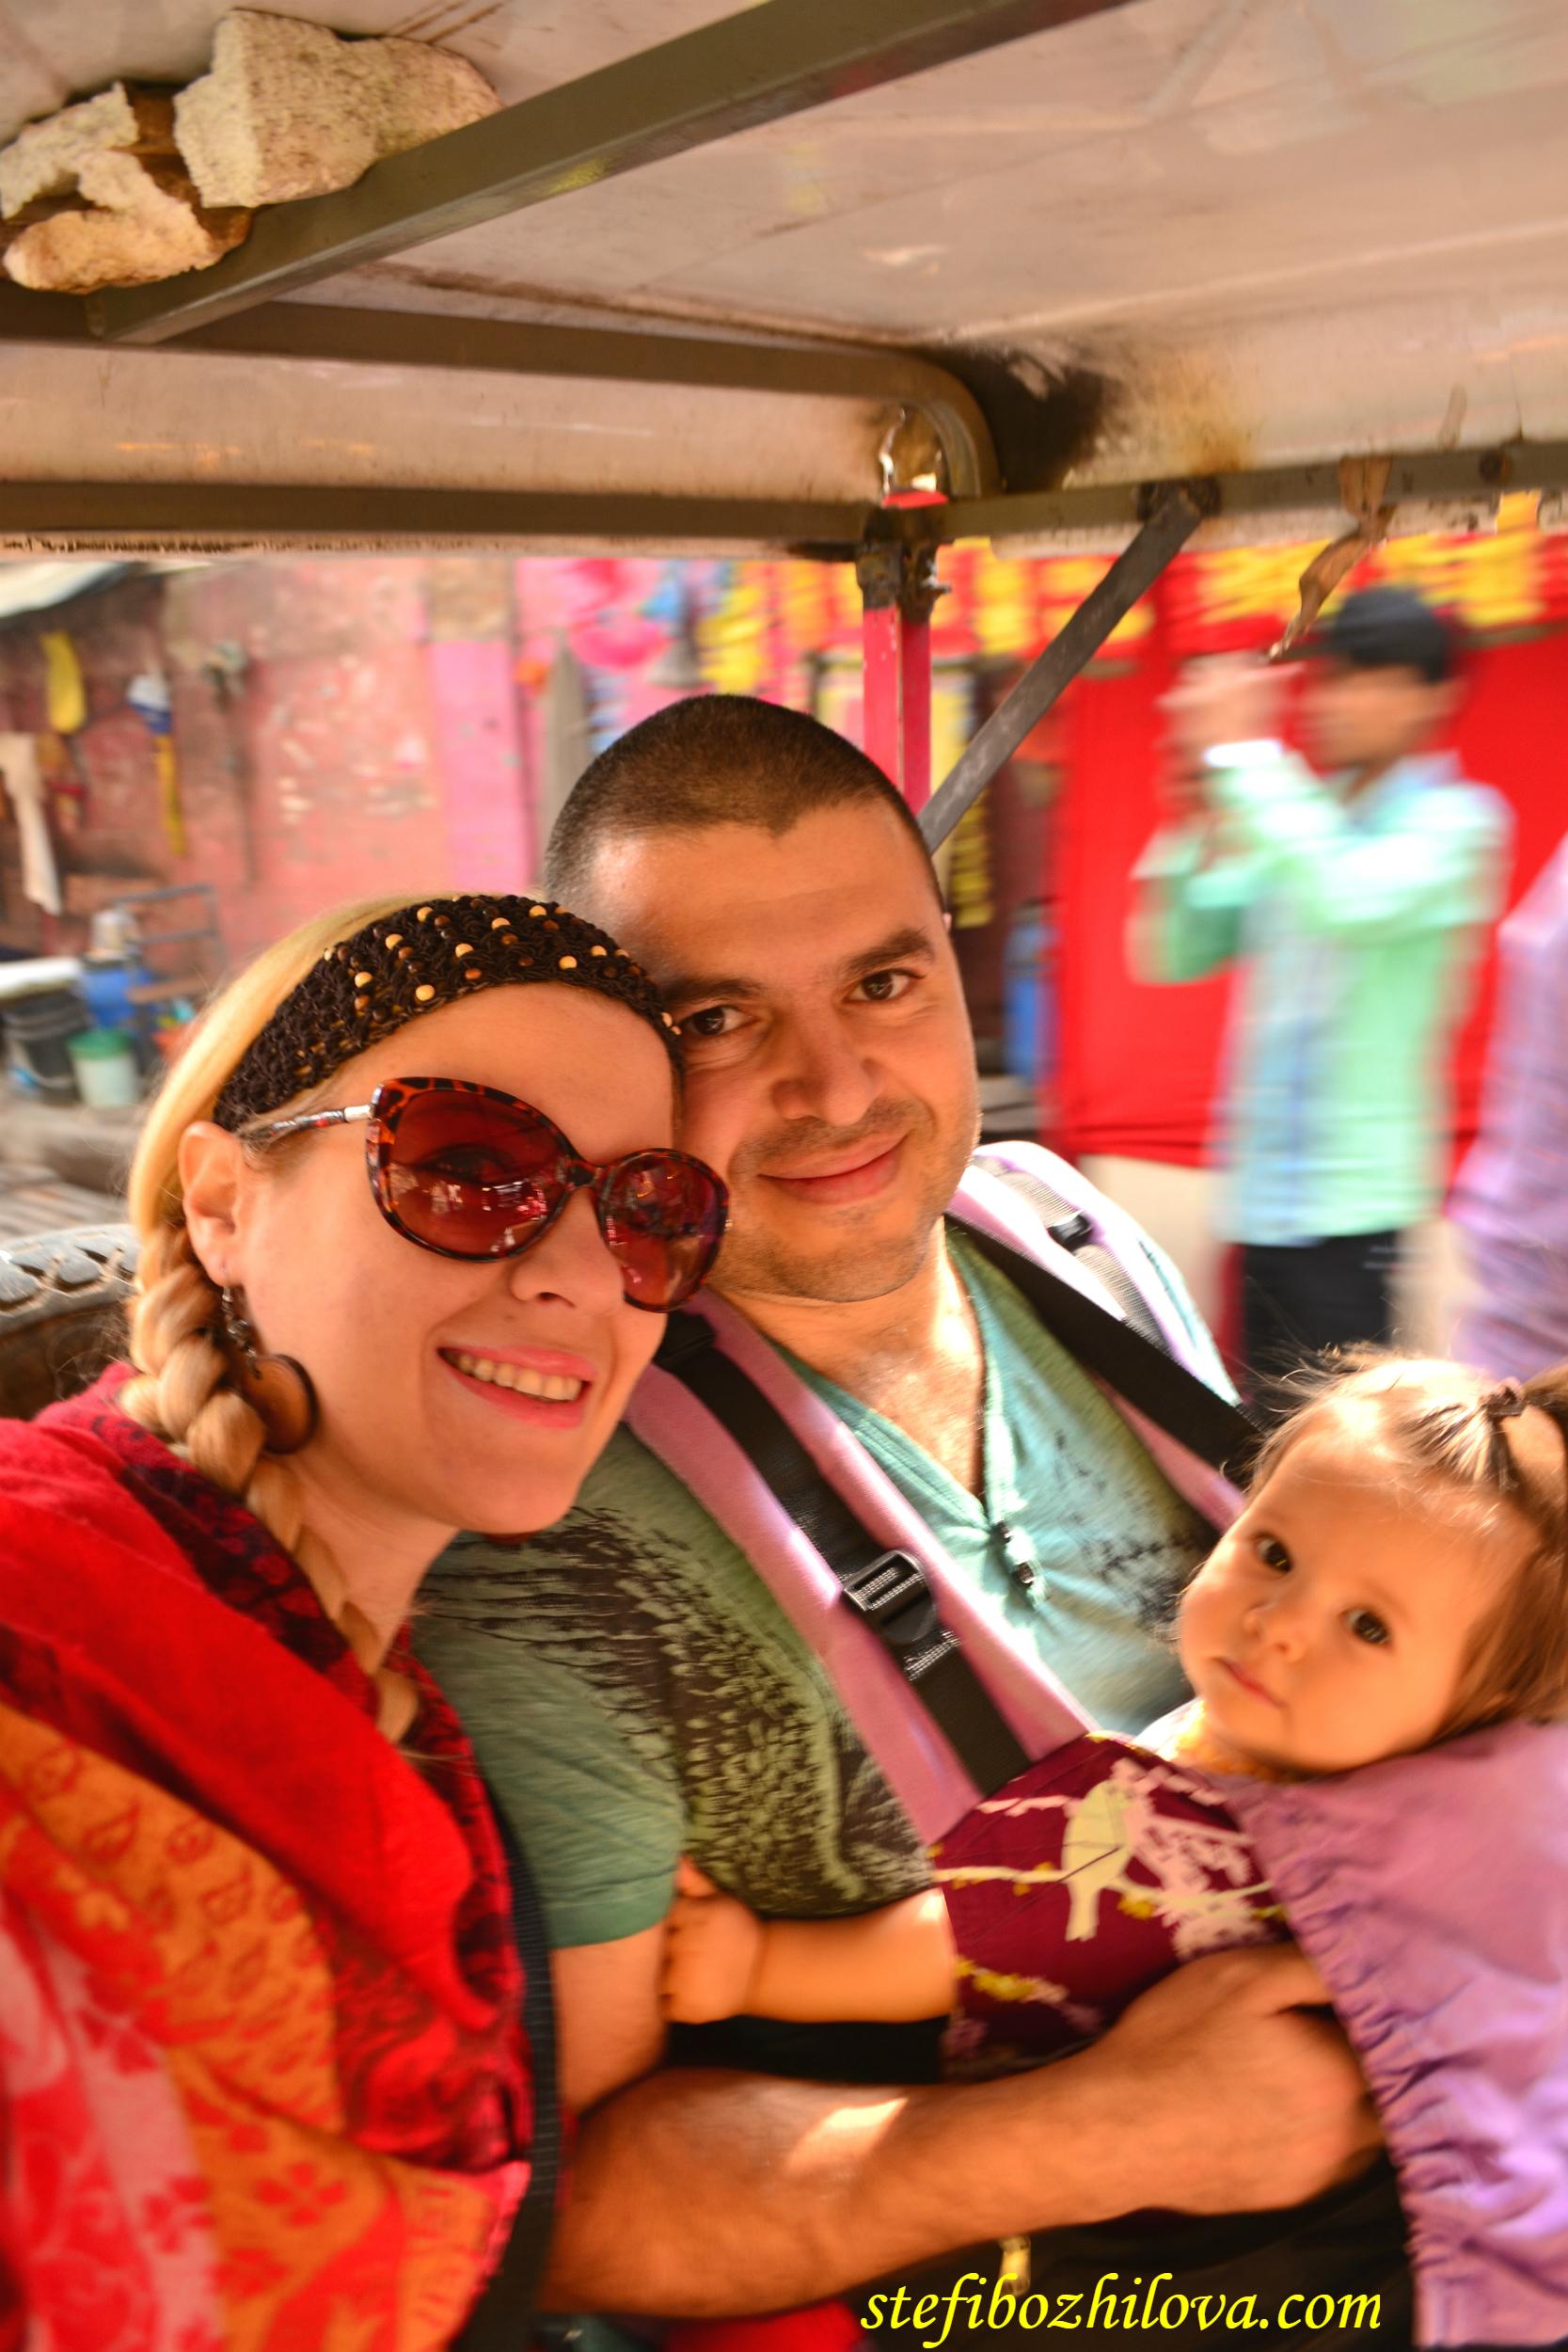 Придвижвахме се навсякъде из Делхи с рикшите, наречени тук тук. Бързо, евтино и забавно!